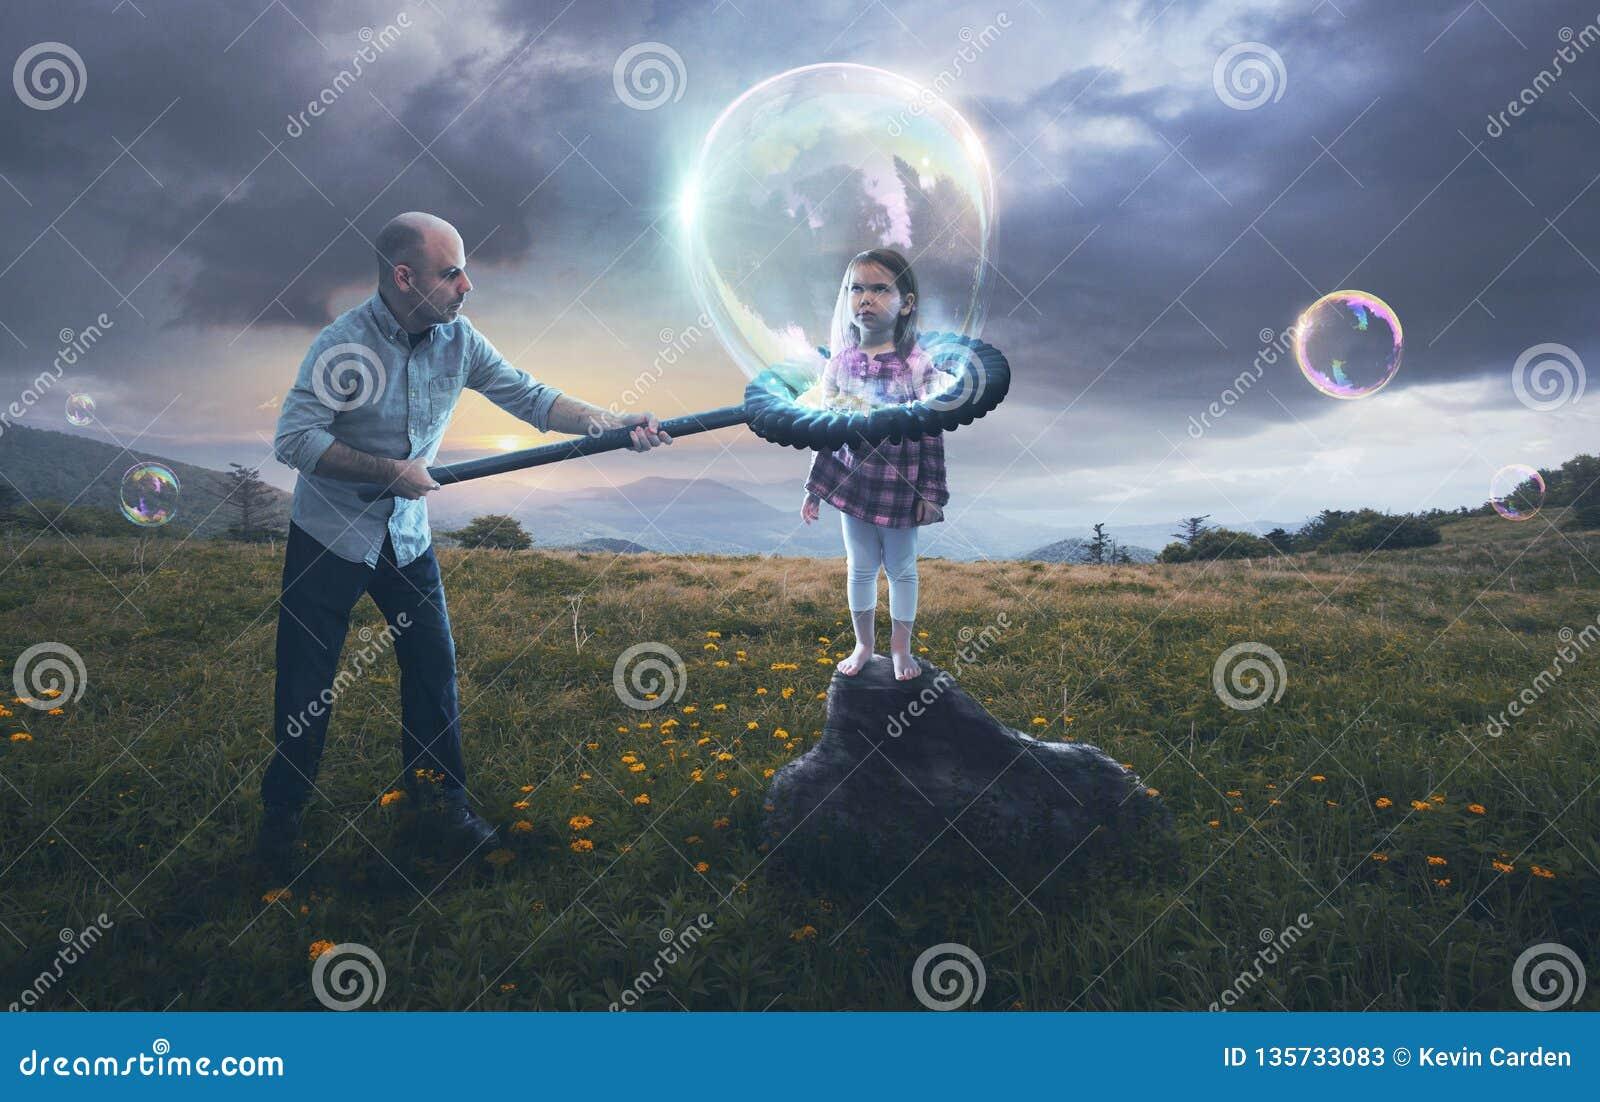 Πατέρας που βάζει το παιδί σε μια φυσαλίδα